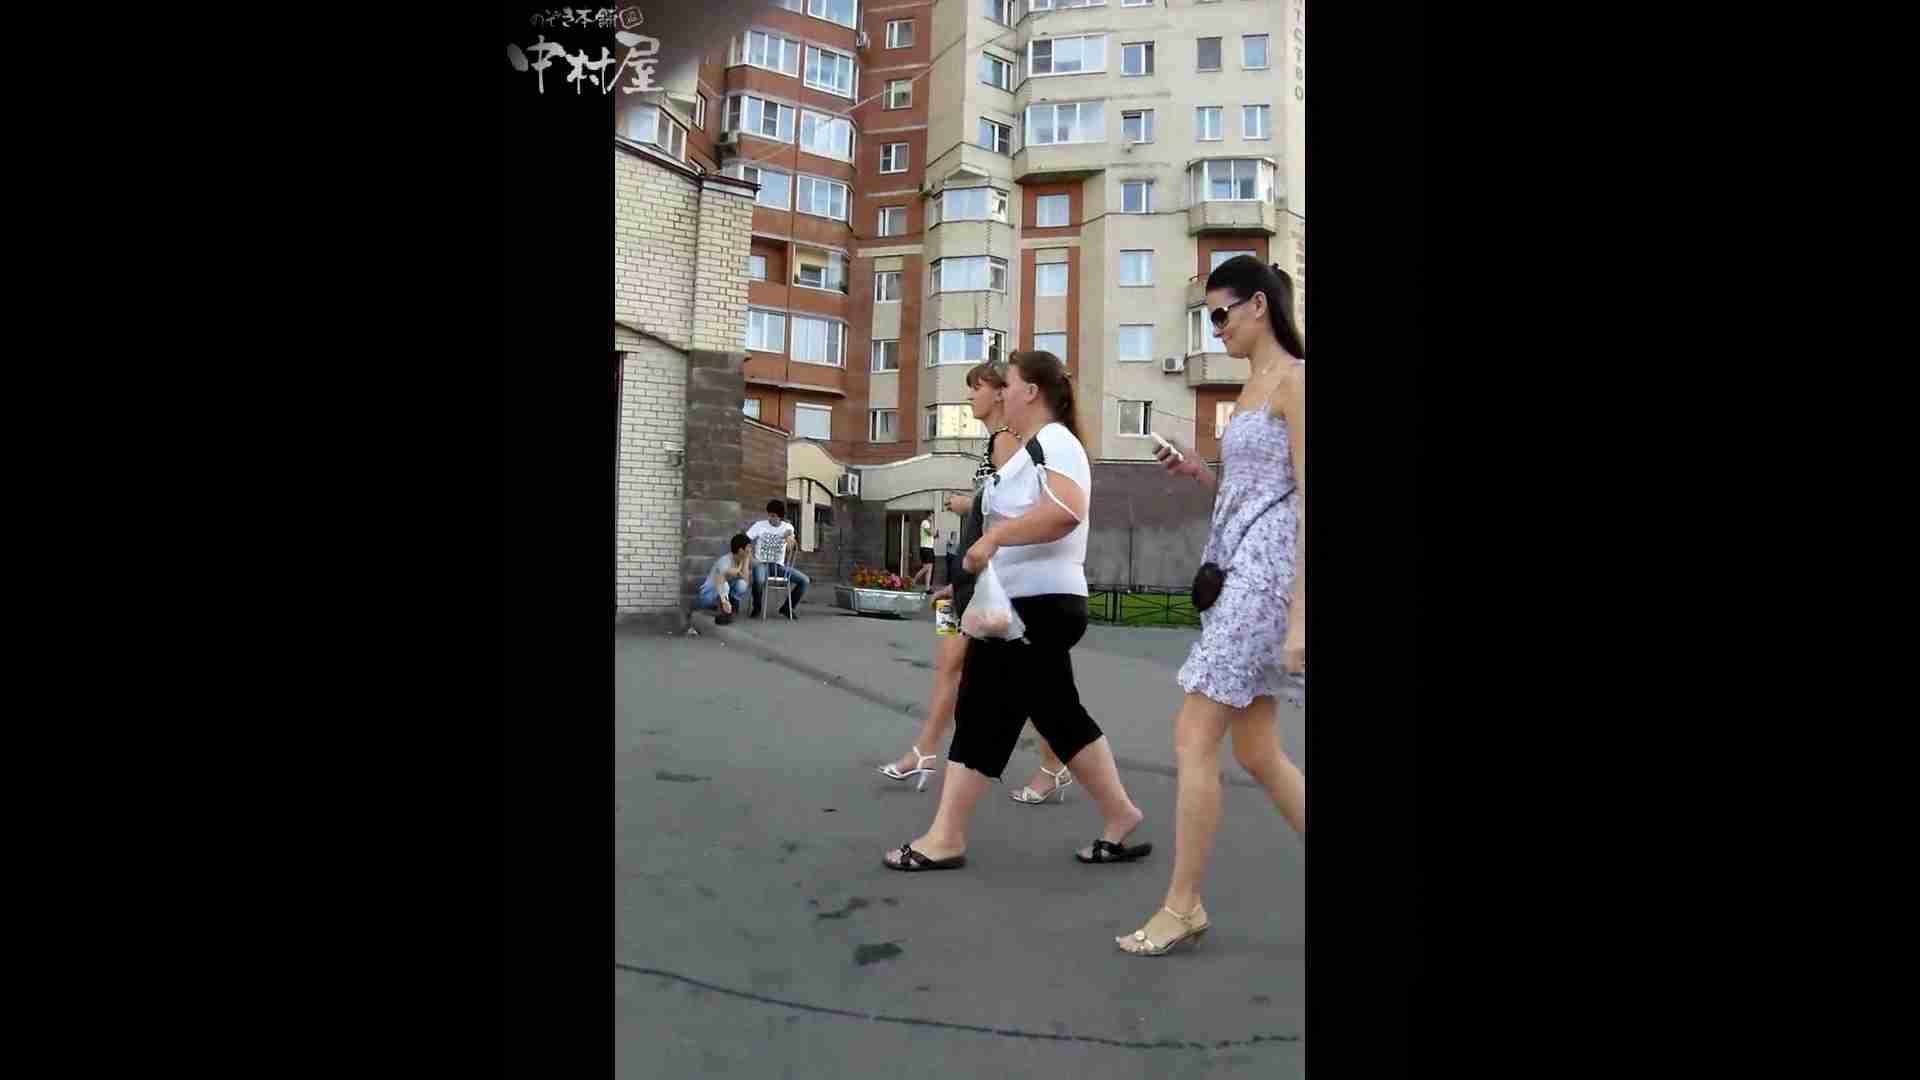 綺麗なモデルさんのスカート捲っちゃおう‼ vol25 モデル AV無料動画キャプチャ 62連発 20